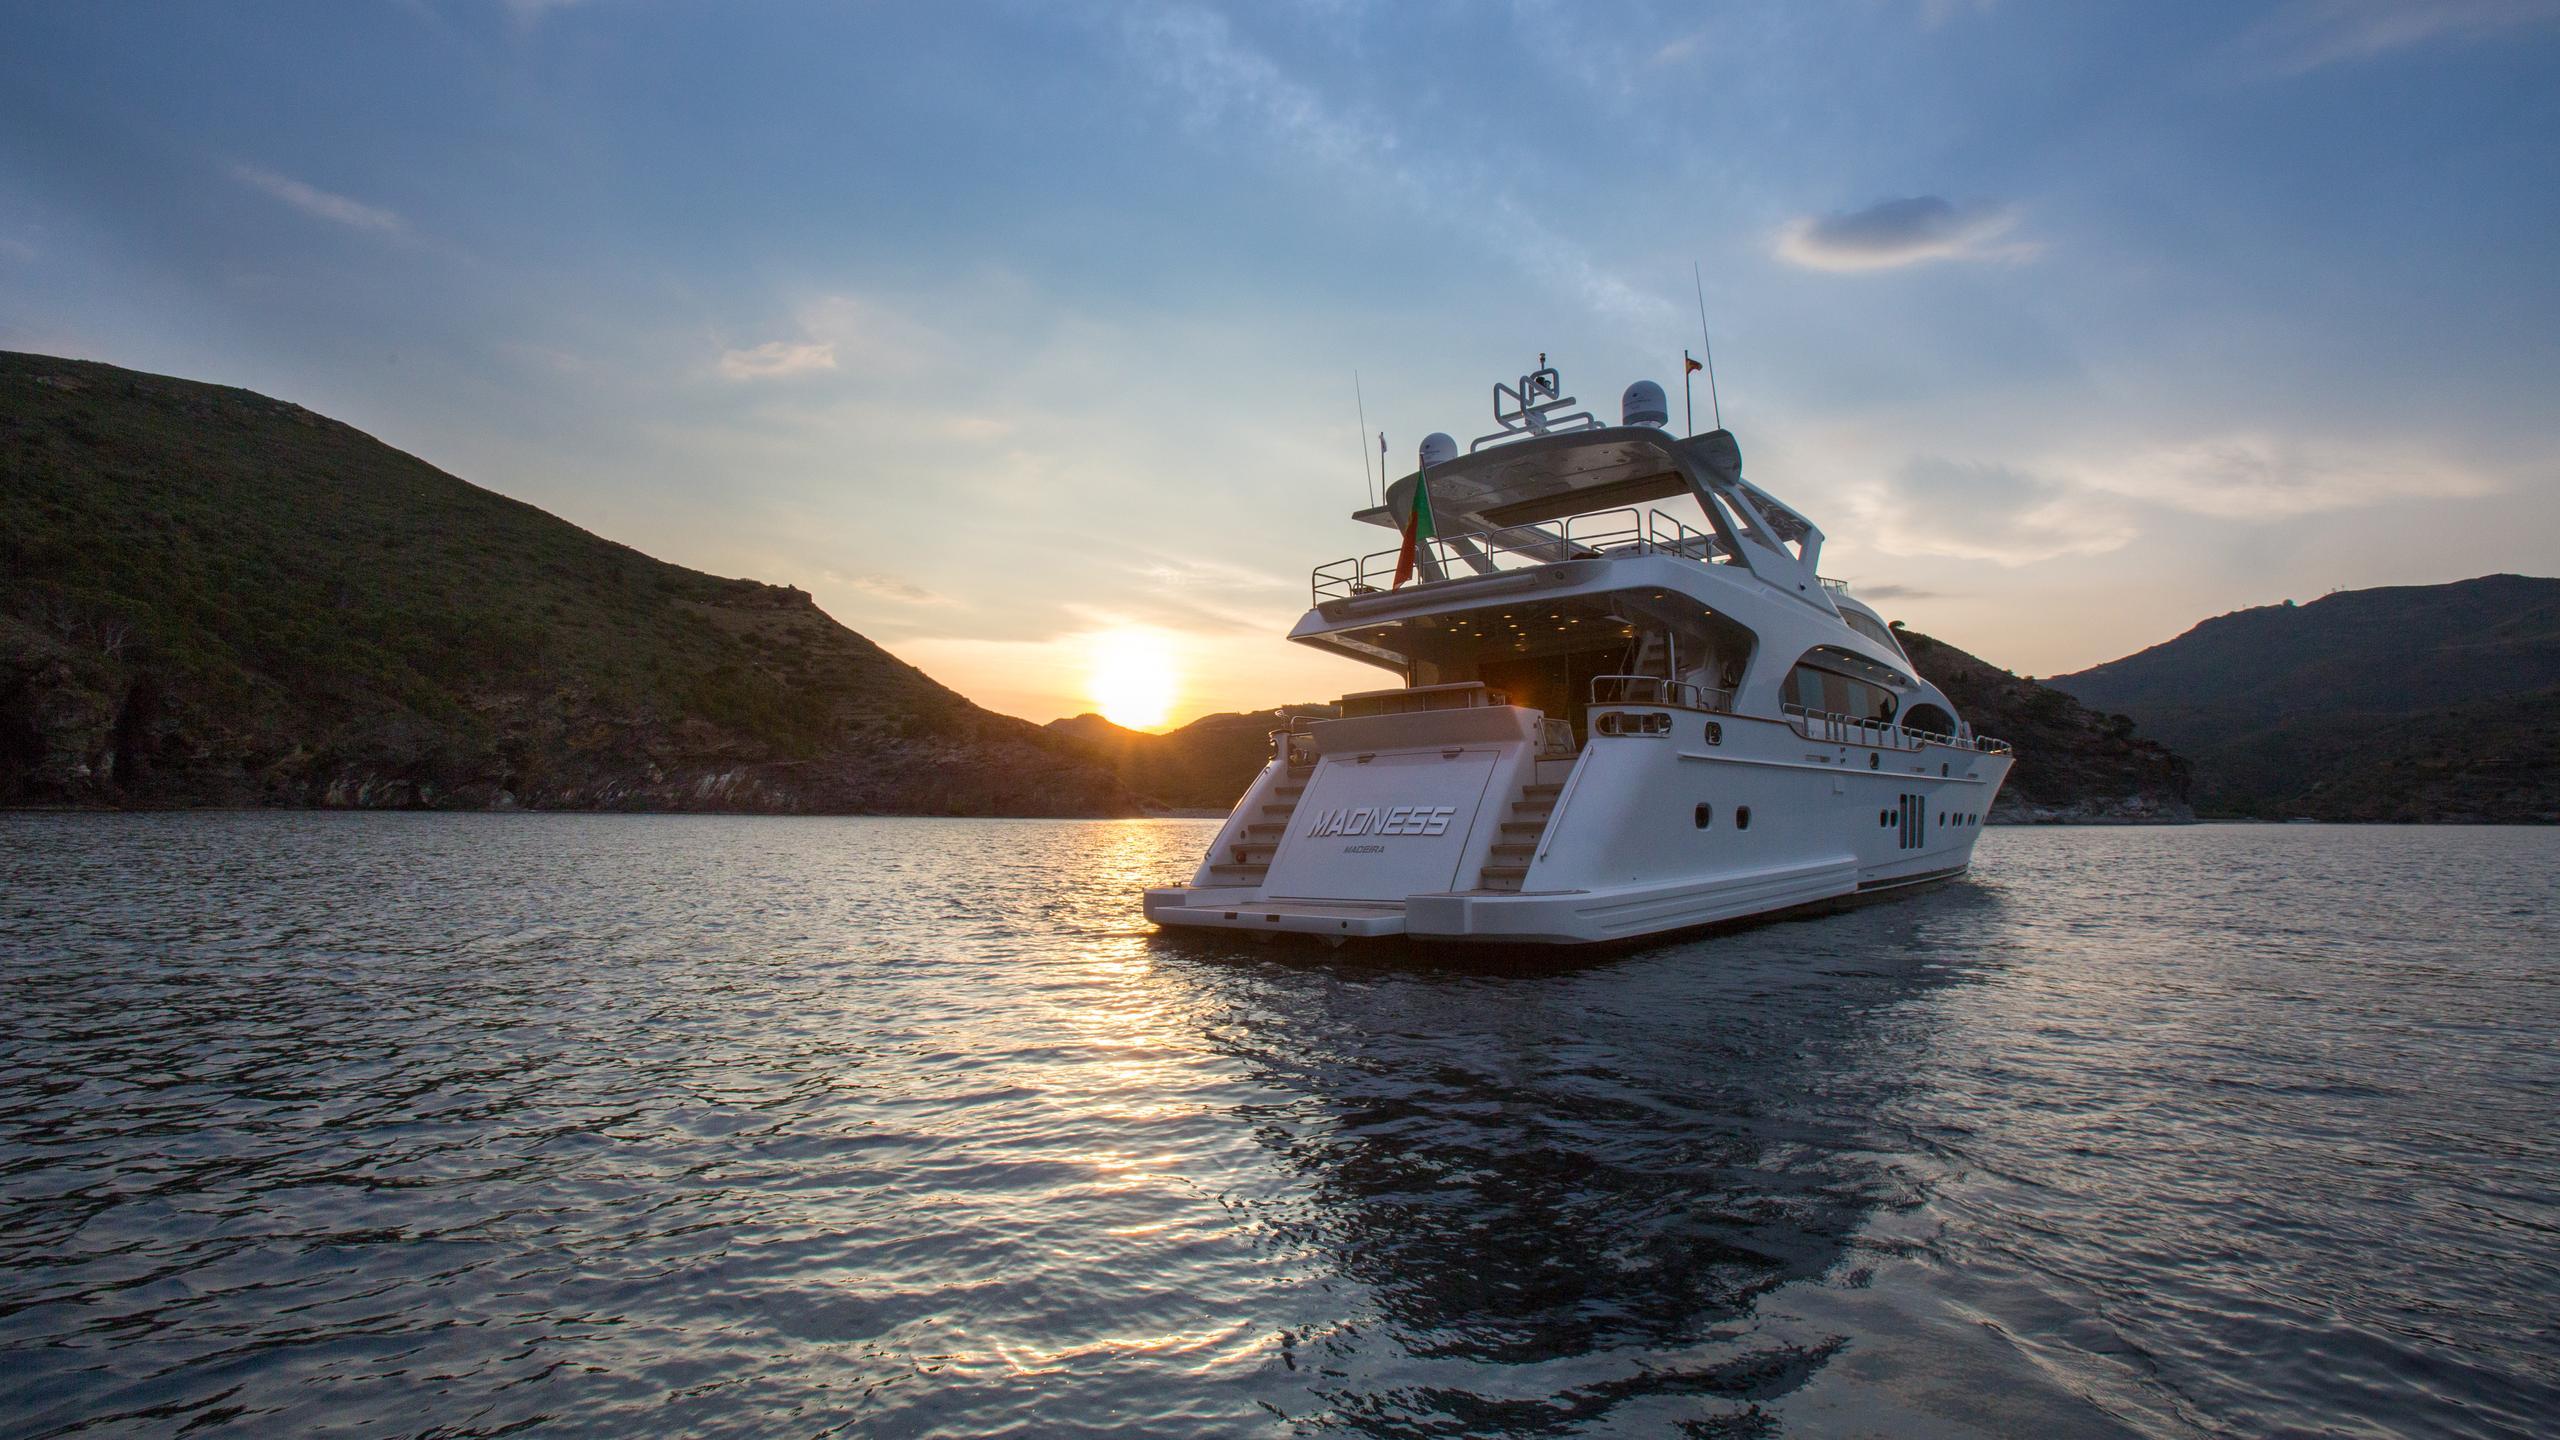 madness-yacht-stern